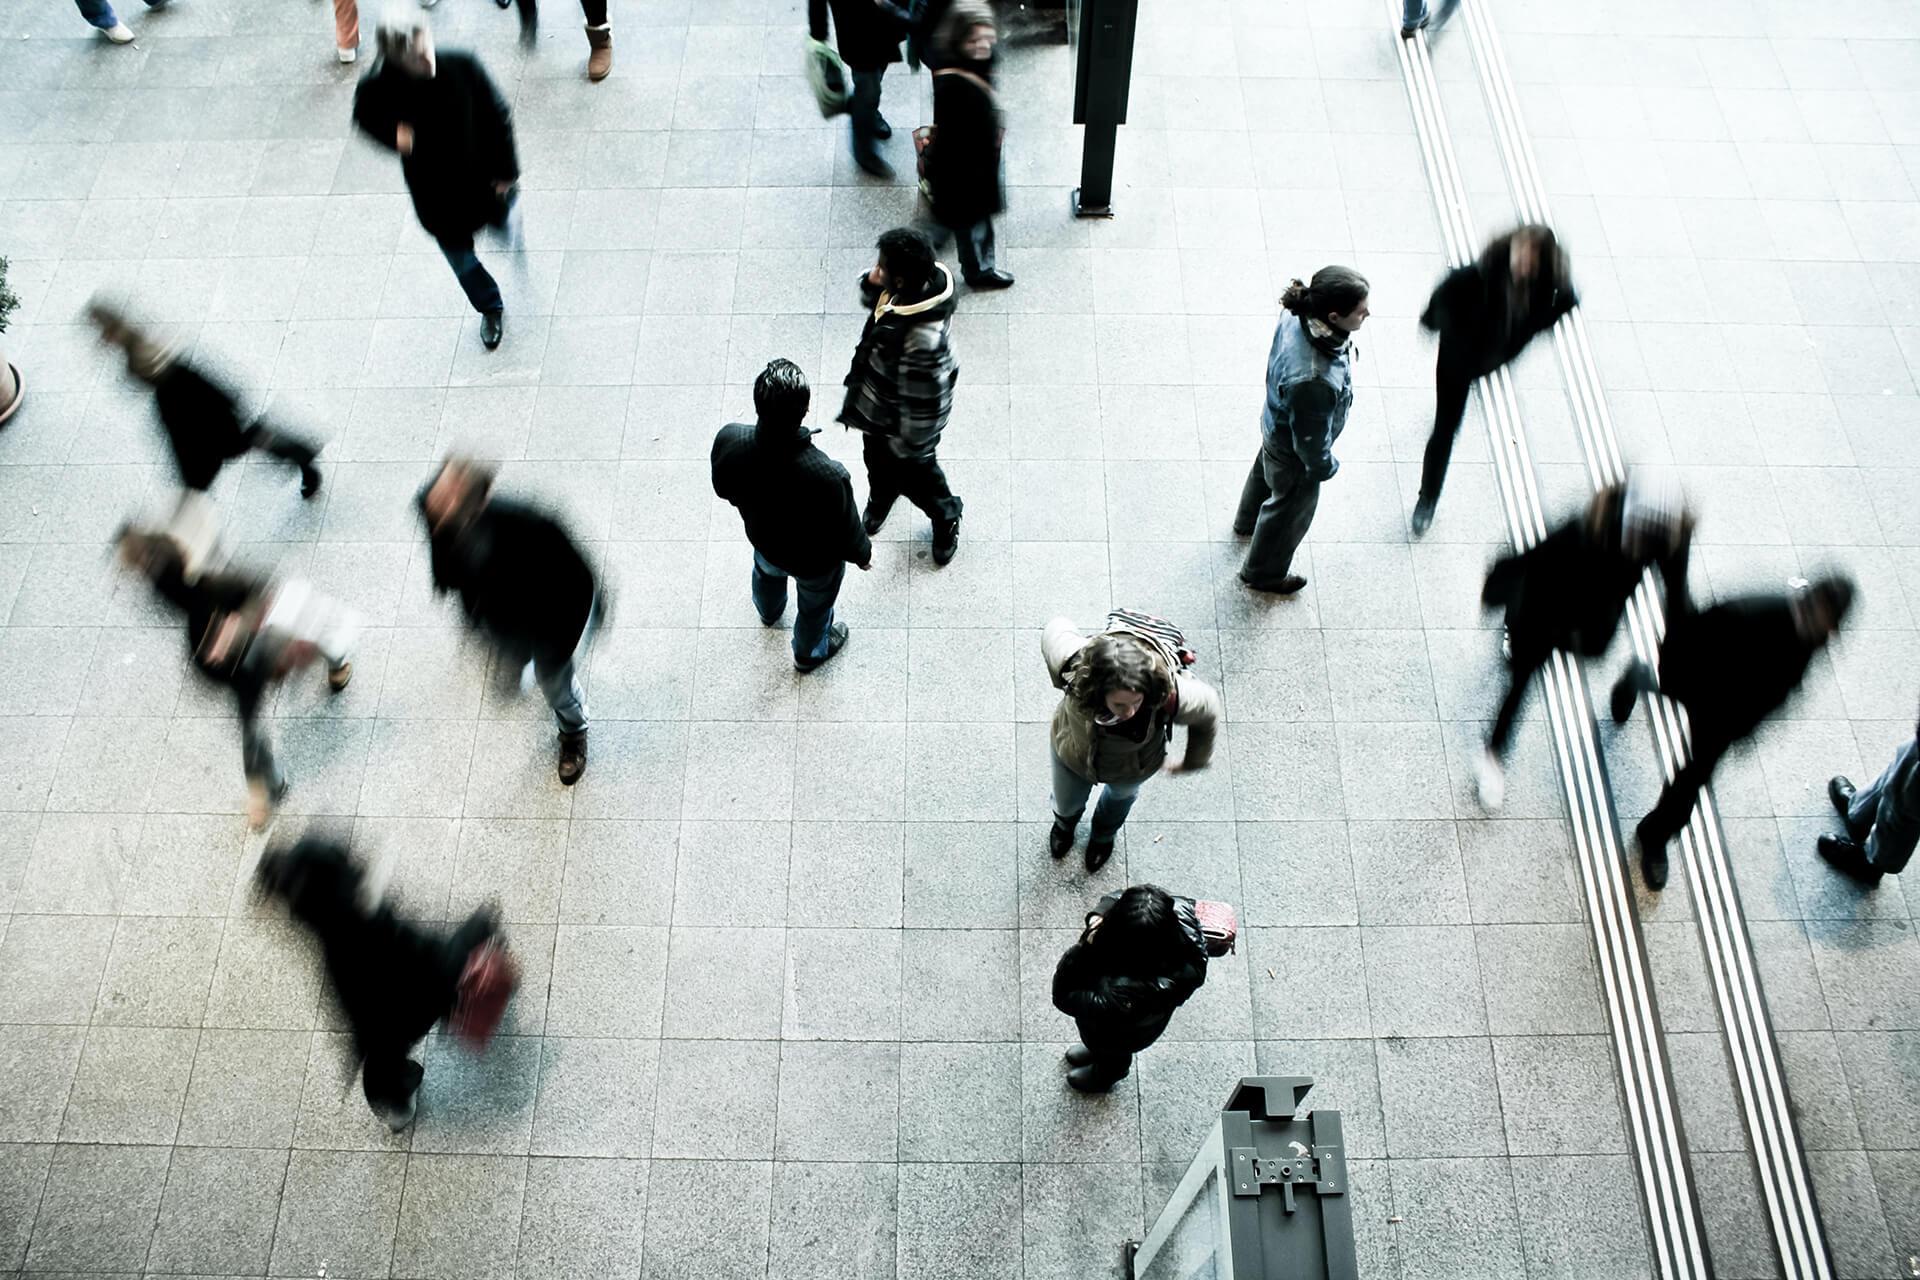 Menschen laufen auf einem Platz herum